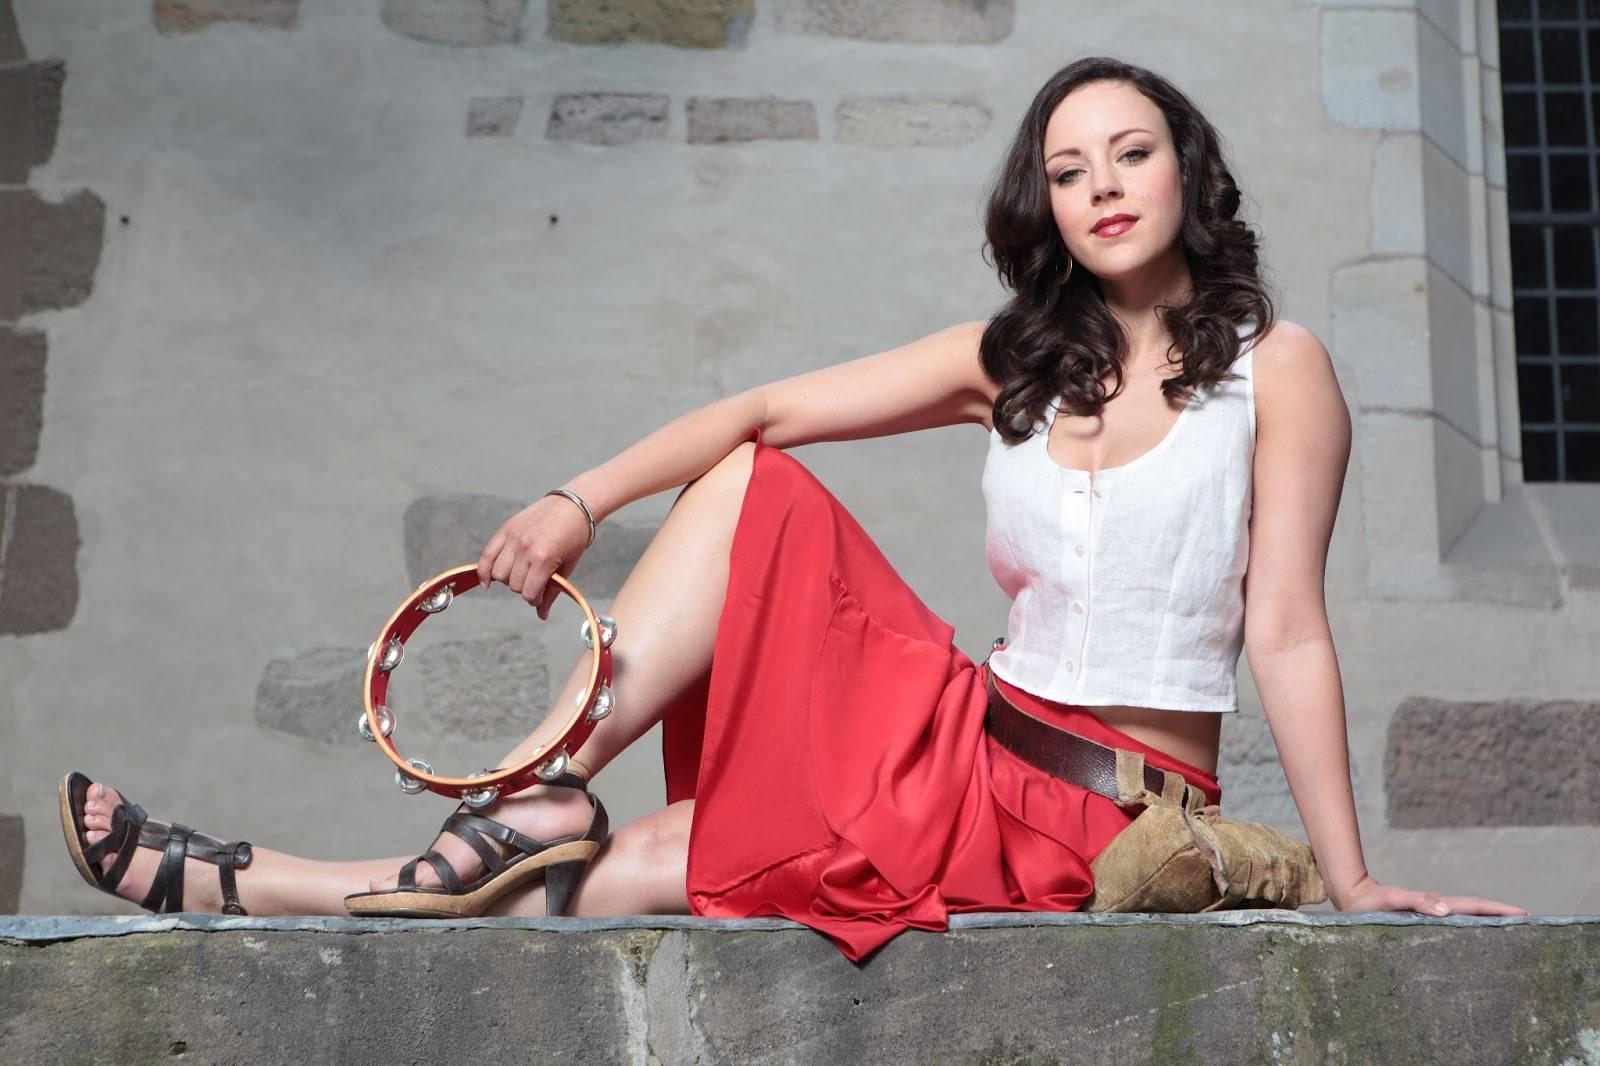 http://3.bp.blogspot.com/-5BadQ_xMxpg/UR8D6eHf1QI/AAAAAAAAIE0/f8308eSCEko/s1600/Jasmin+Wagner.jpg